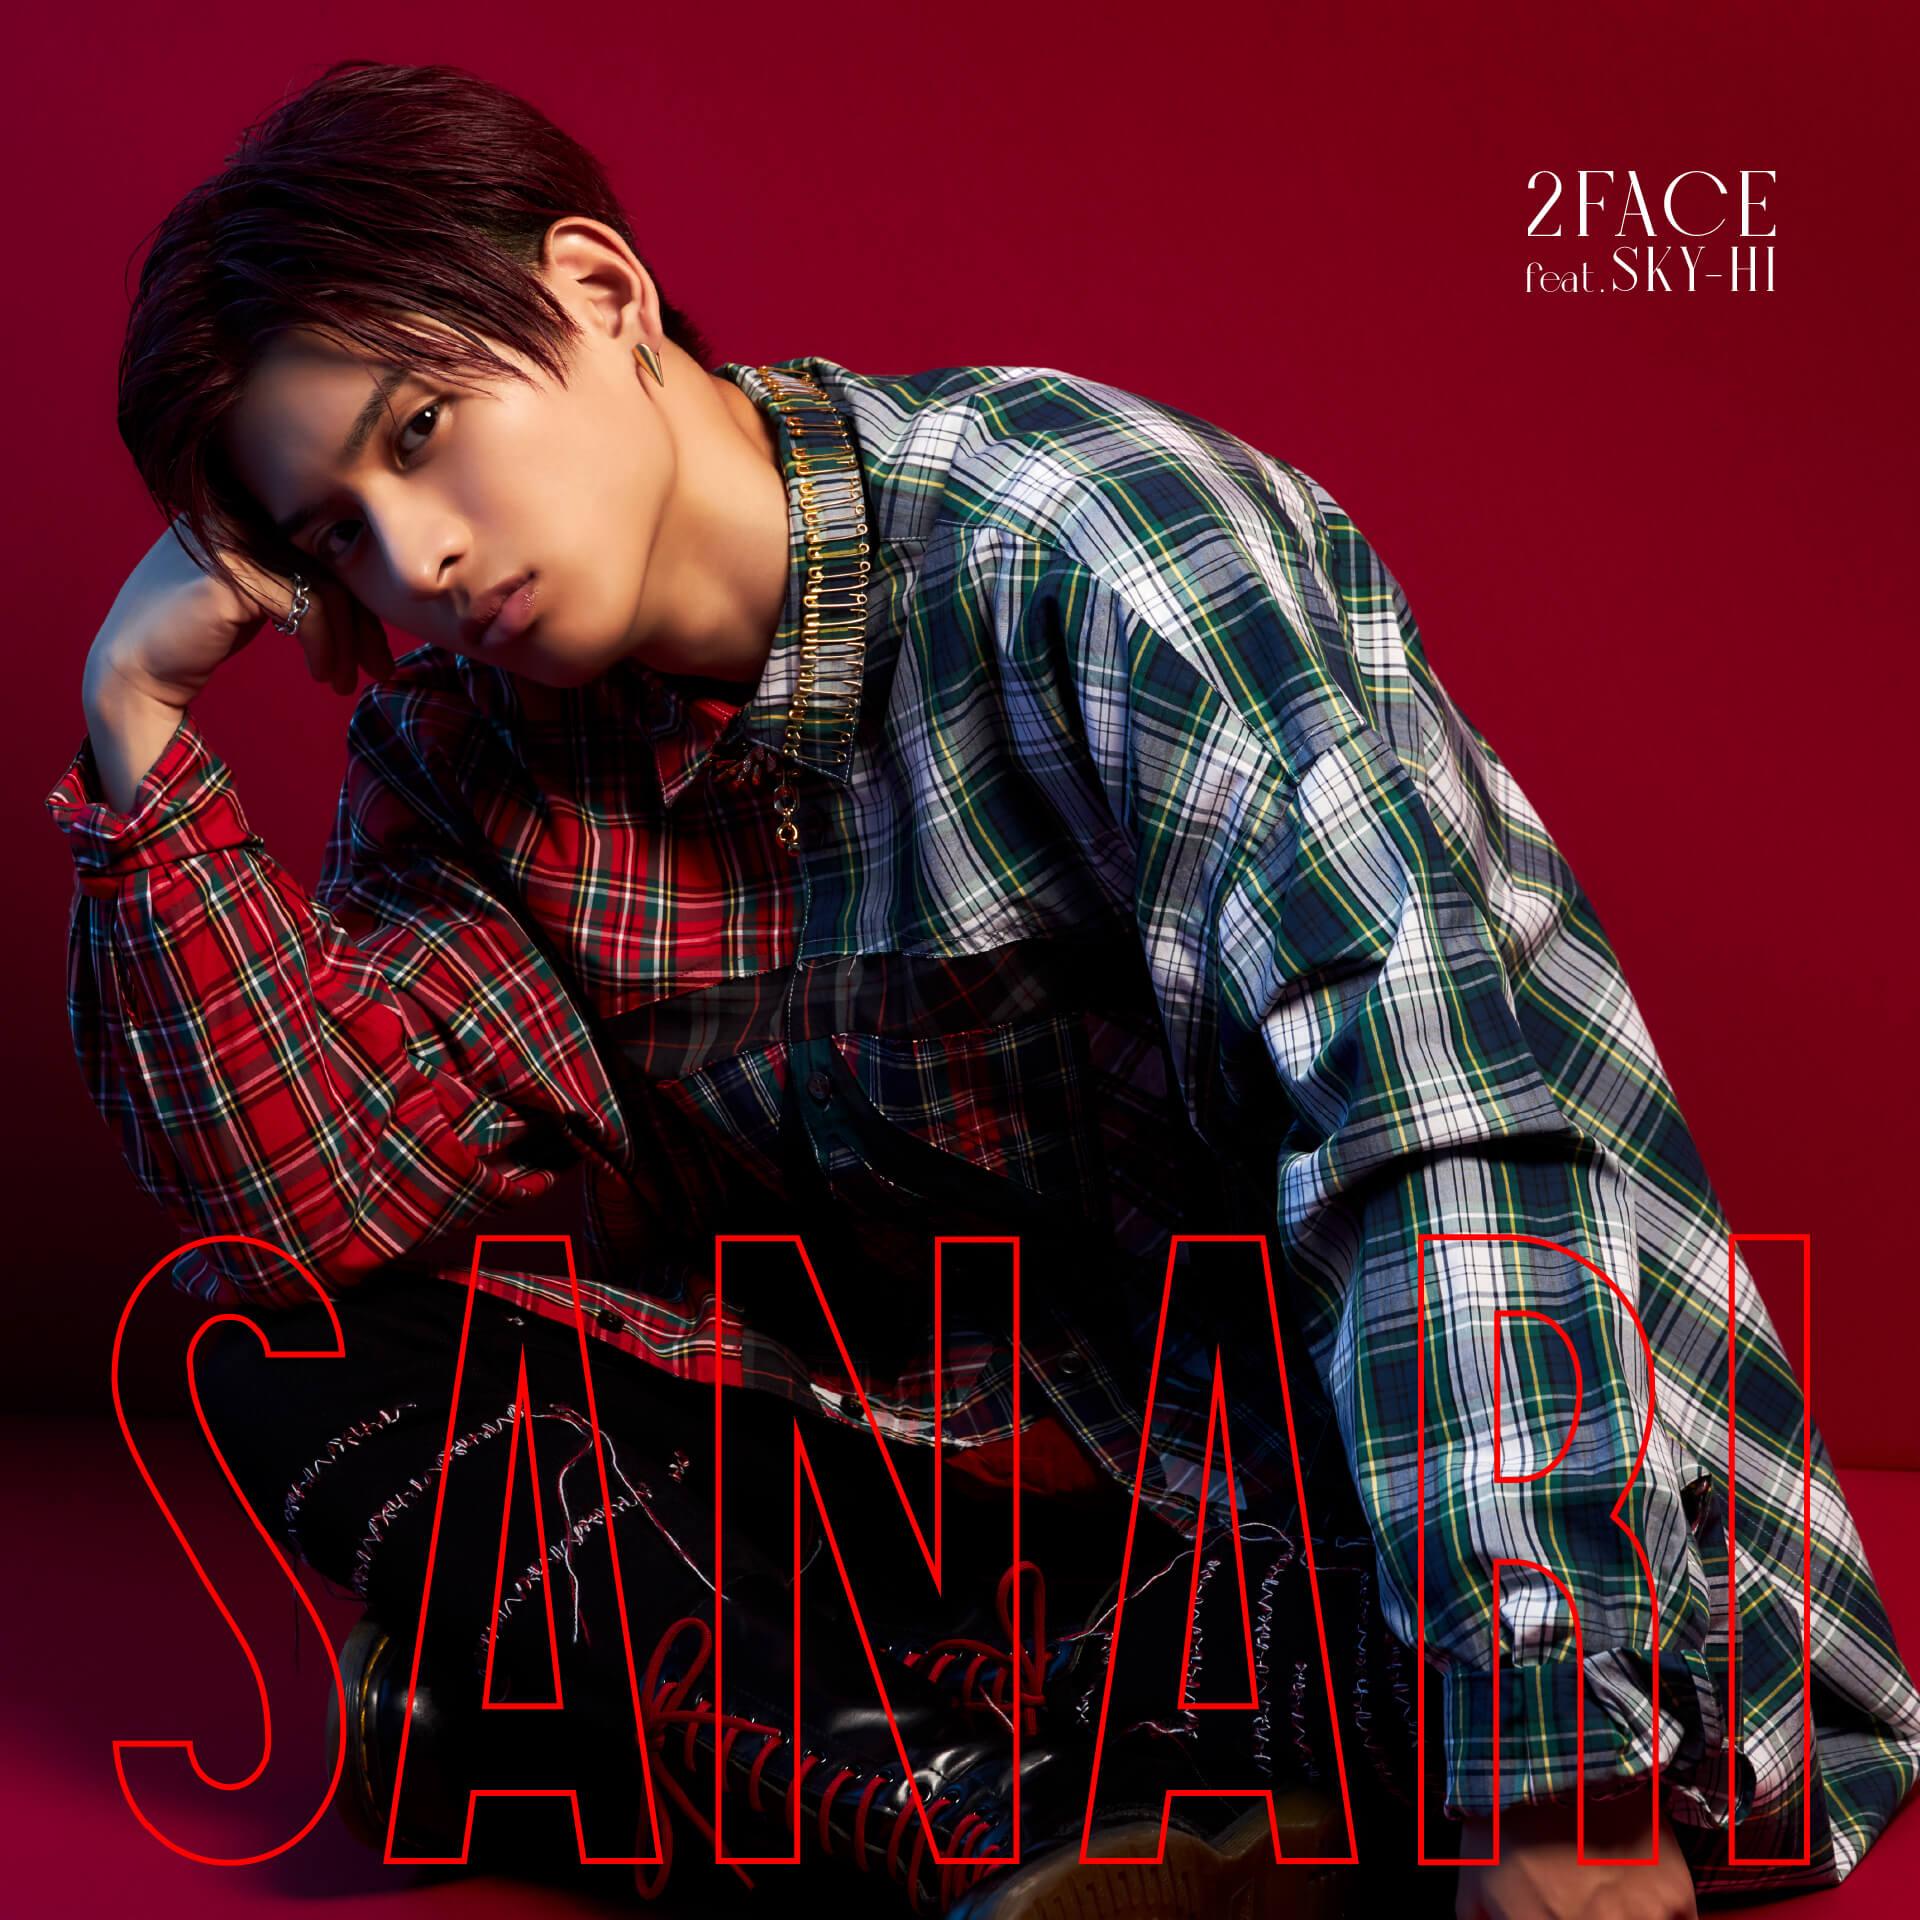 さなり 「2FACE feat.SKY-HI」CD Jacket / Artist Photo